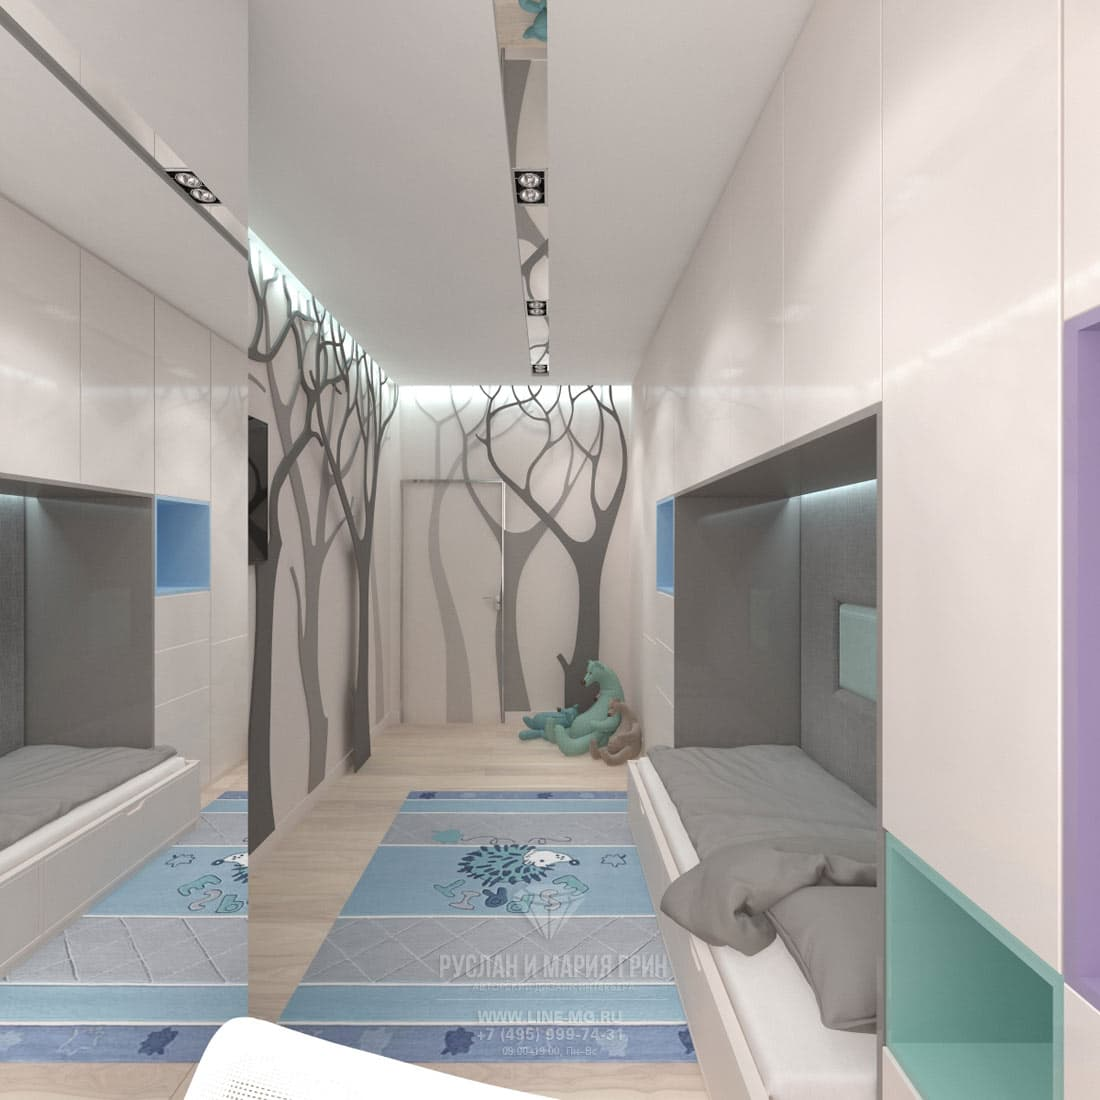 Дизайн красивой квартиры. Фото интерьера детской комнаты в современном стиле